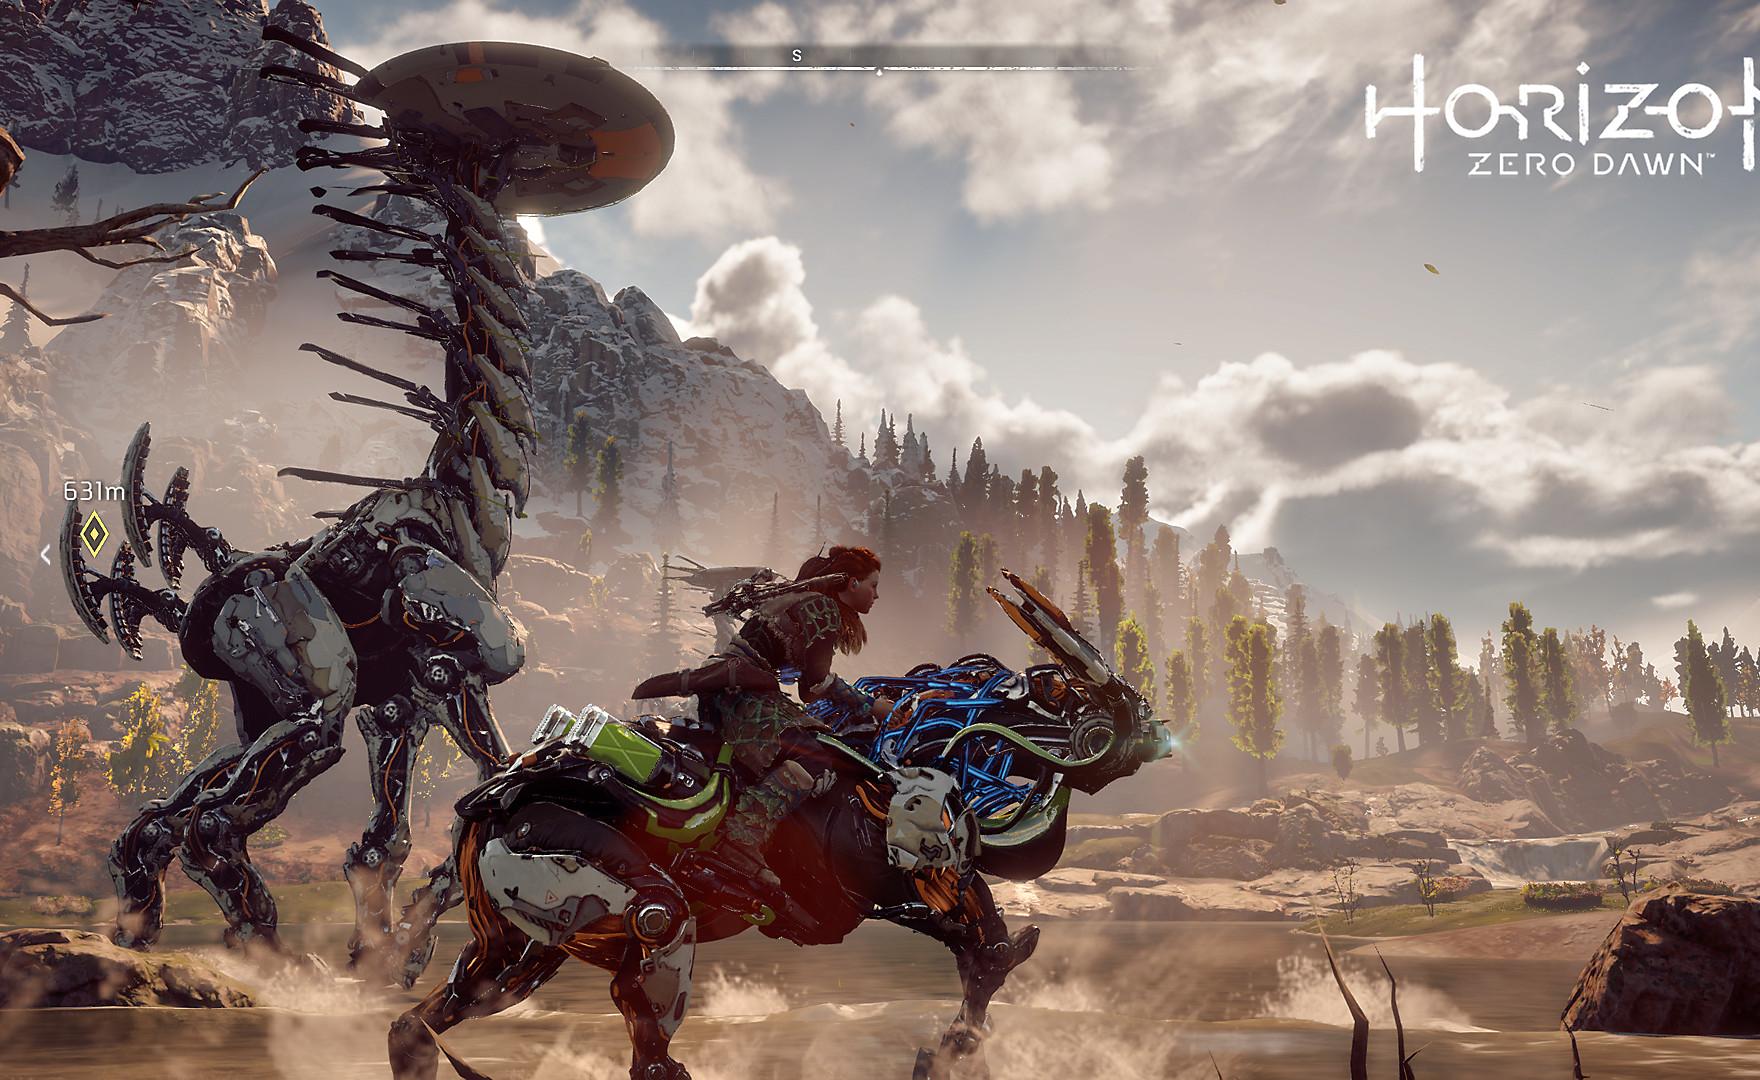 Horizon Zero Dawn PC: data di uscita svelata dal nuovo trailer